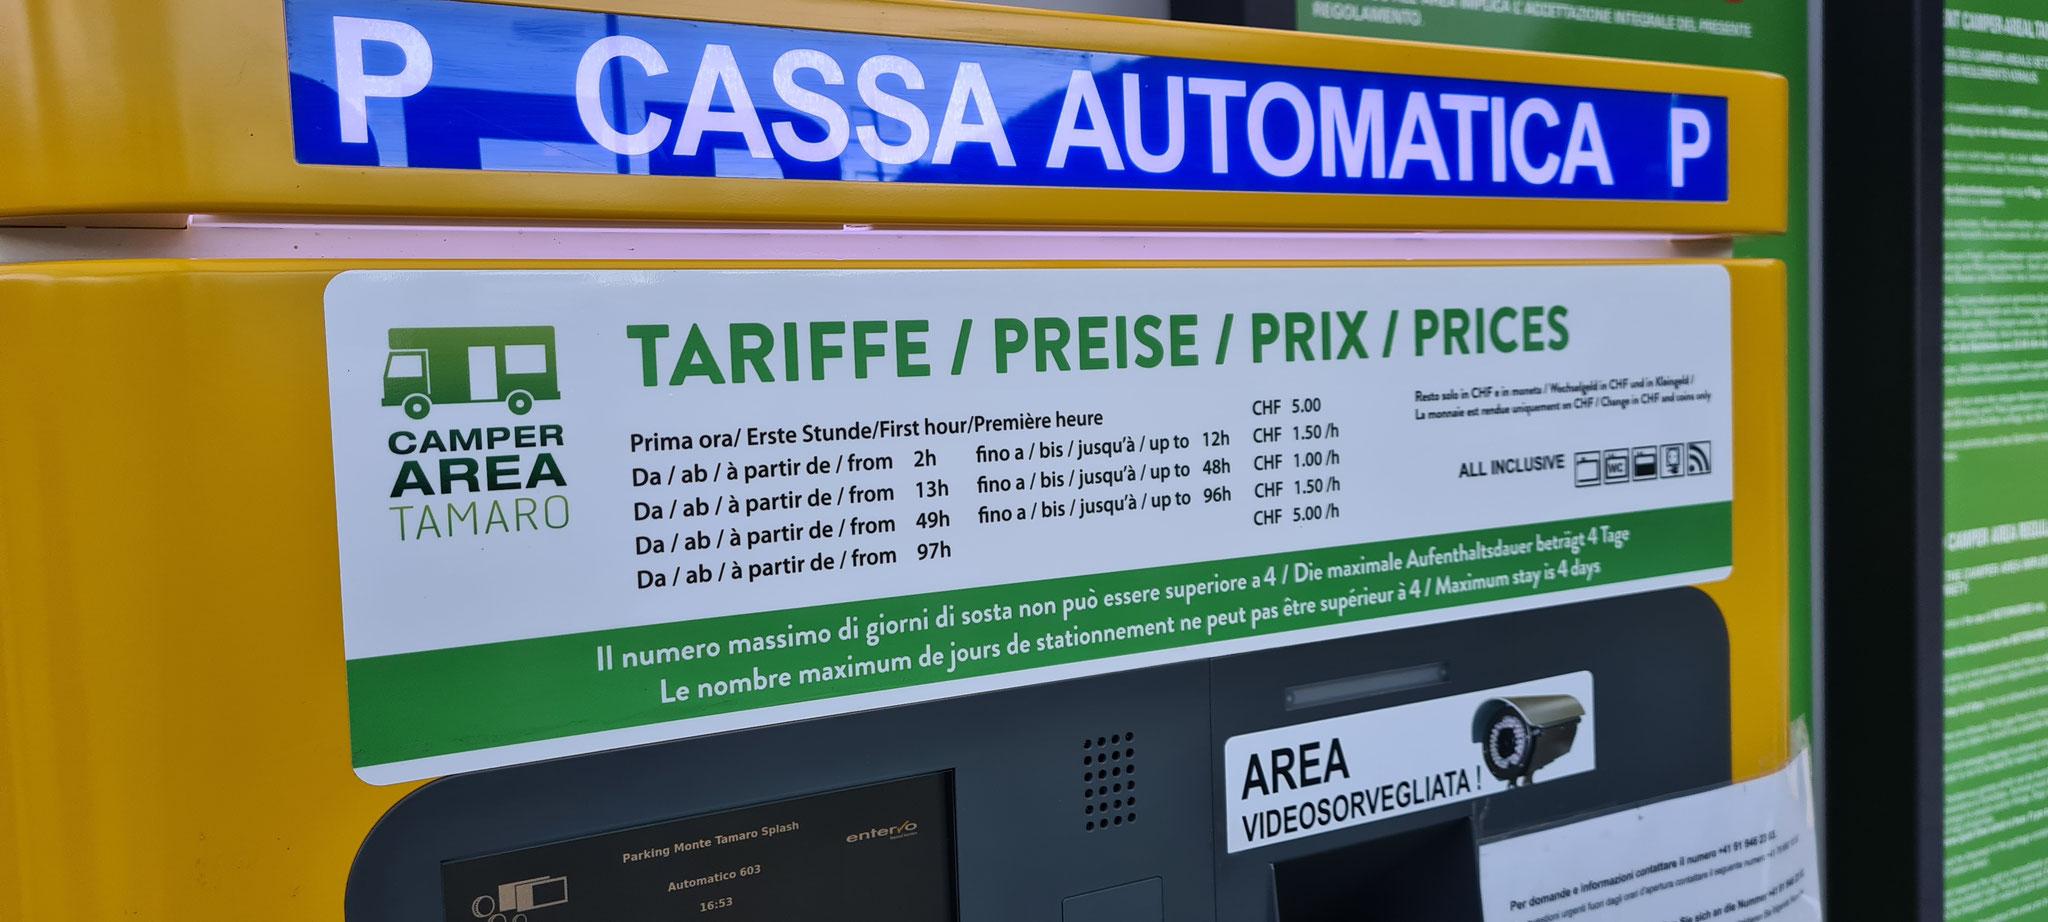 Der ominöse Automat, der am Samstag noch für Ärger sorgt